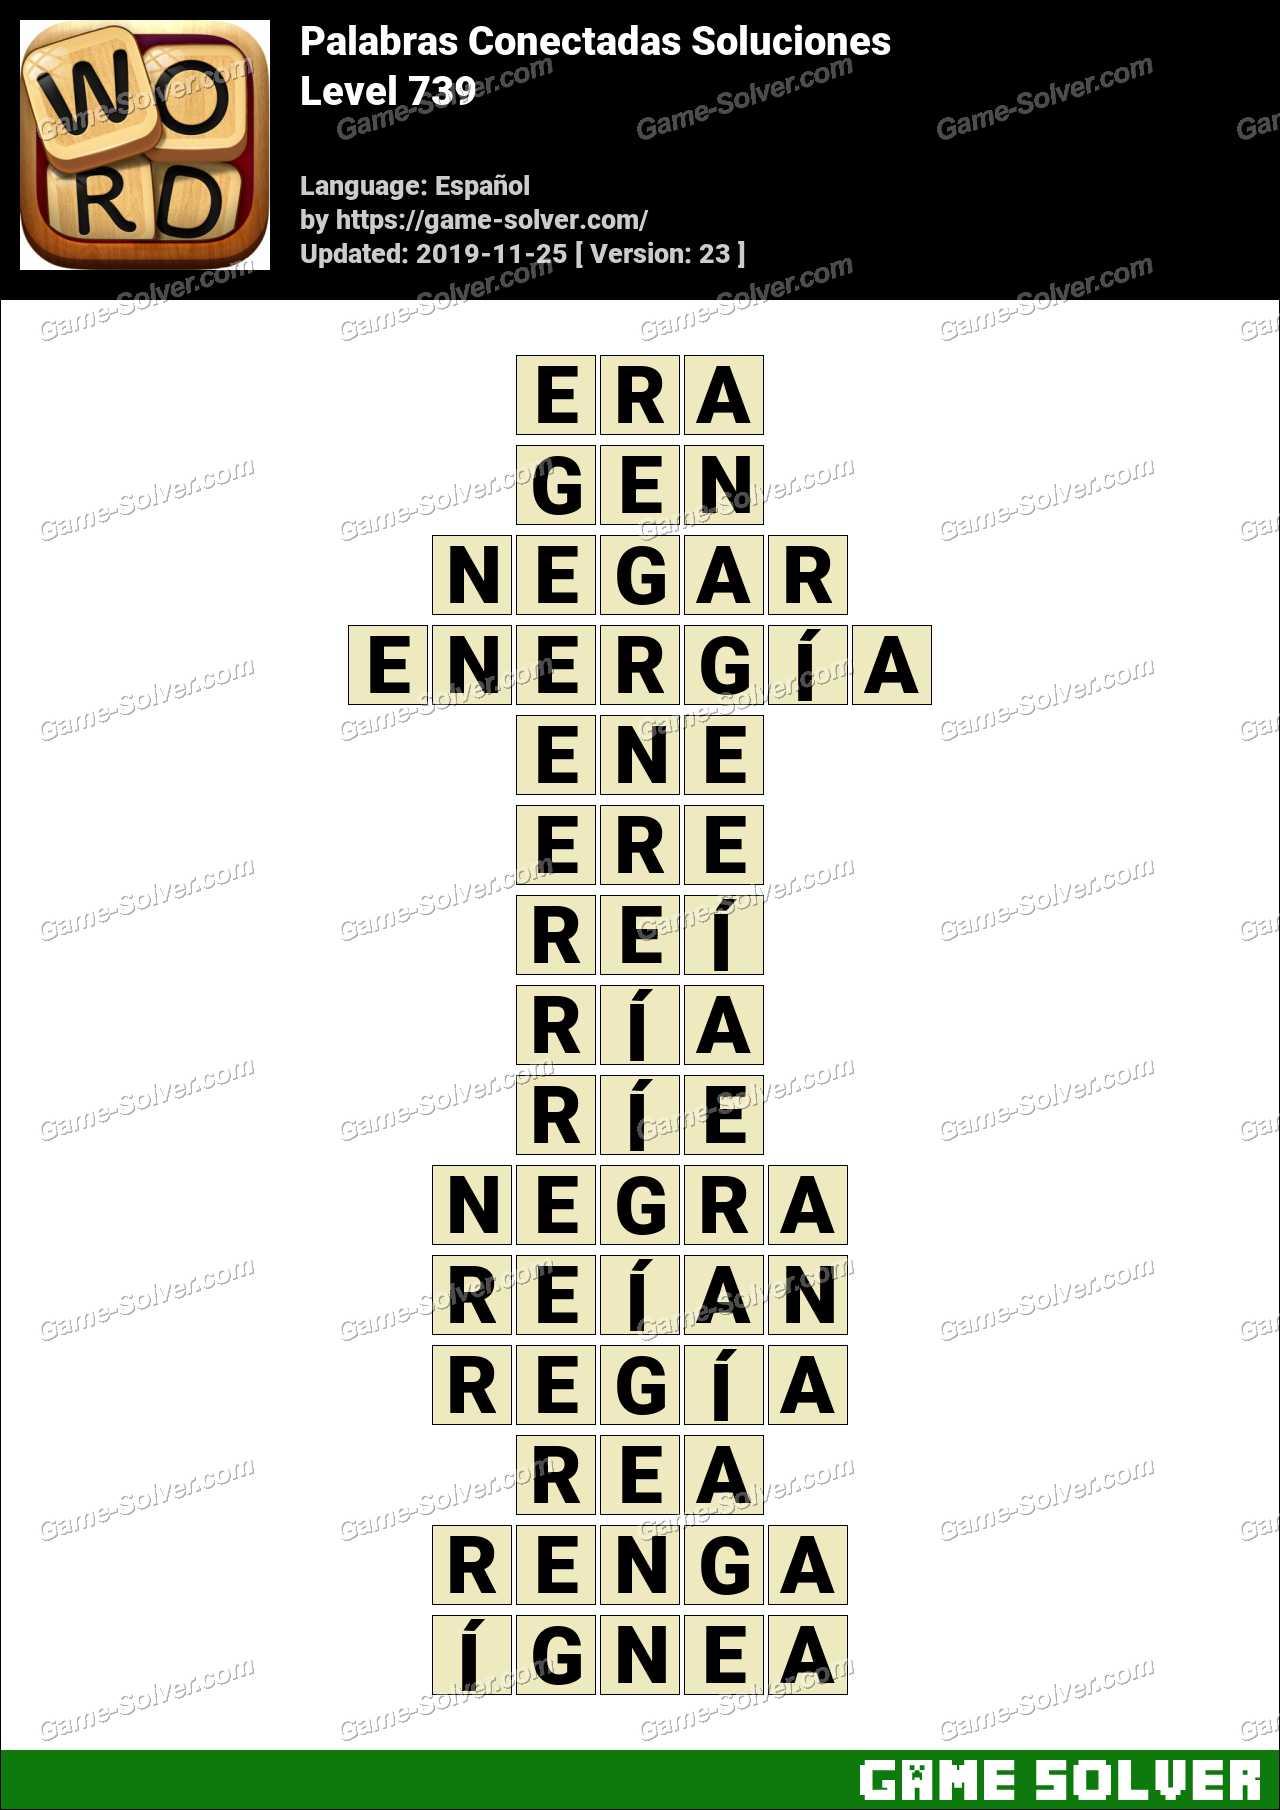 Palabras Conectadas Nivel 739 Soluciones